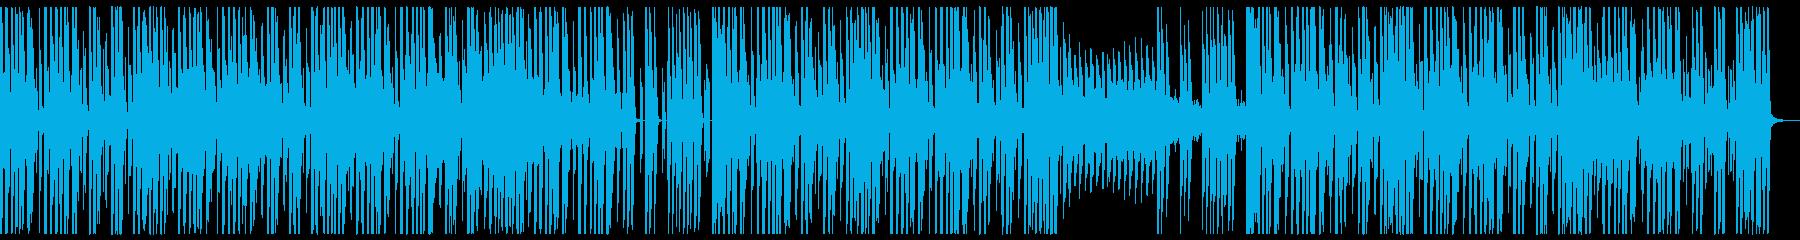 勢いのあるBGMの再生済みの波形